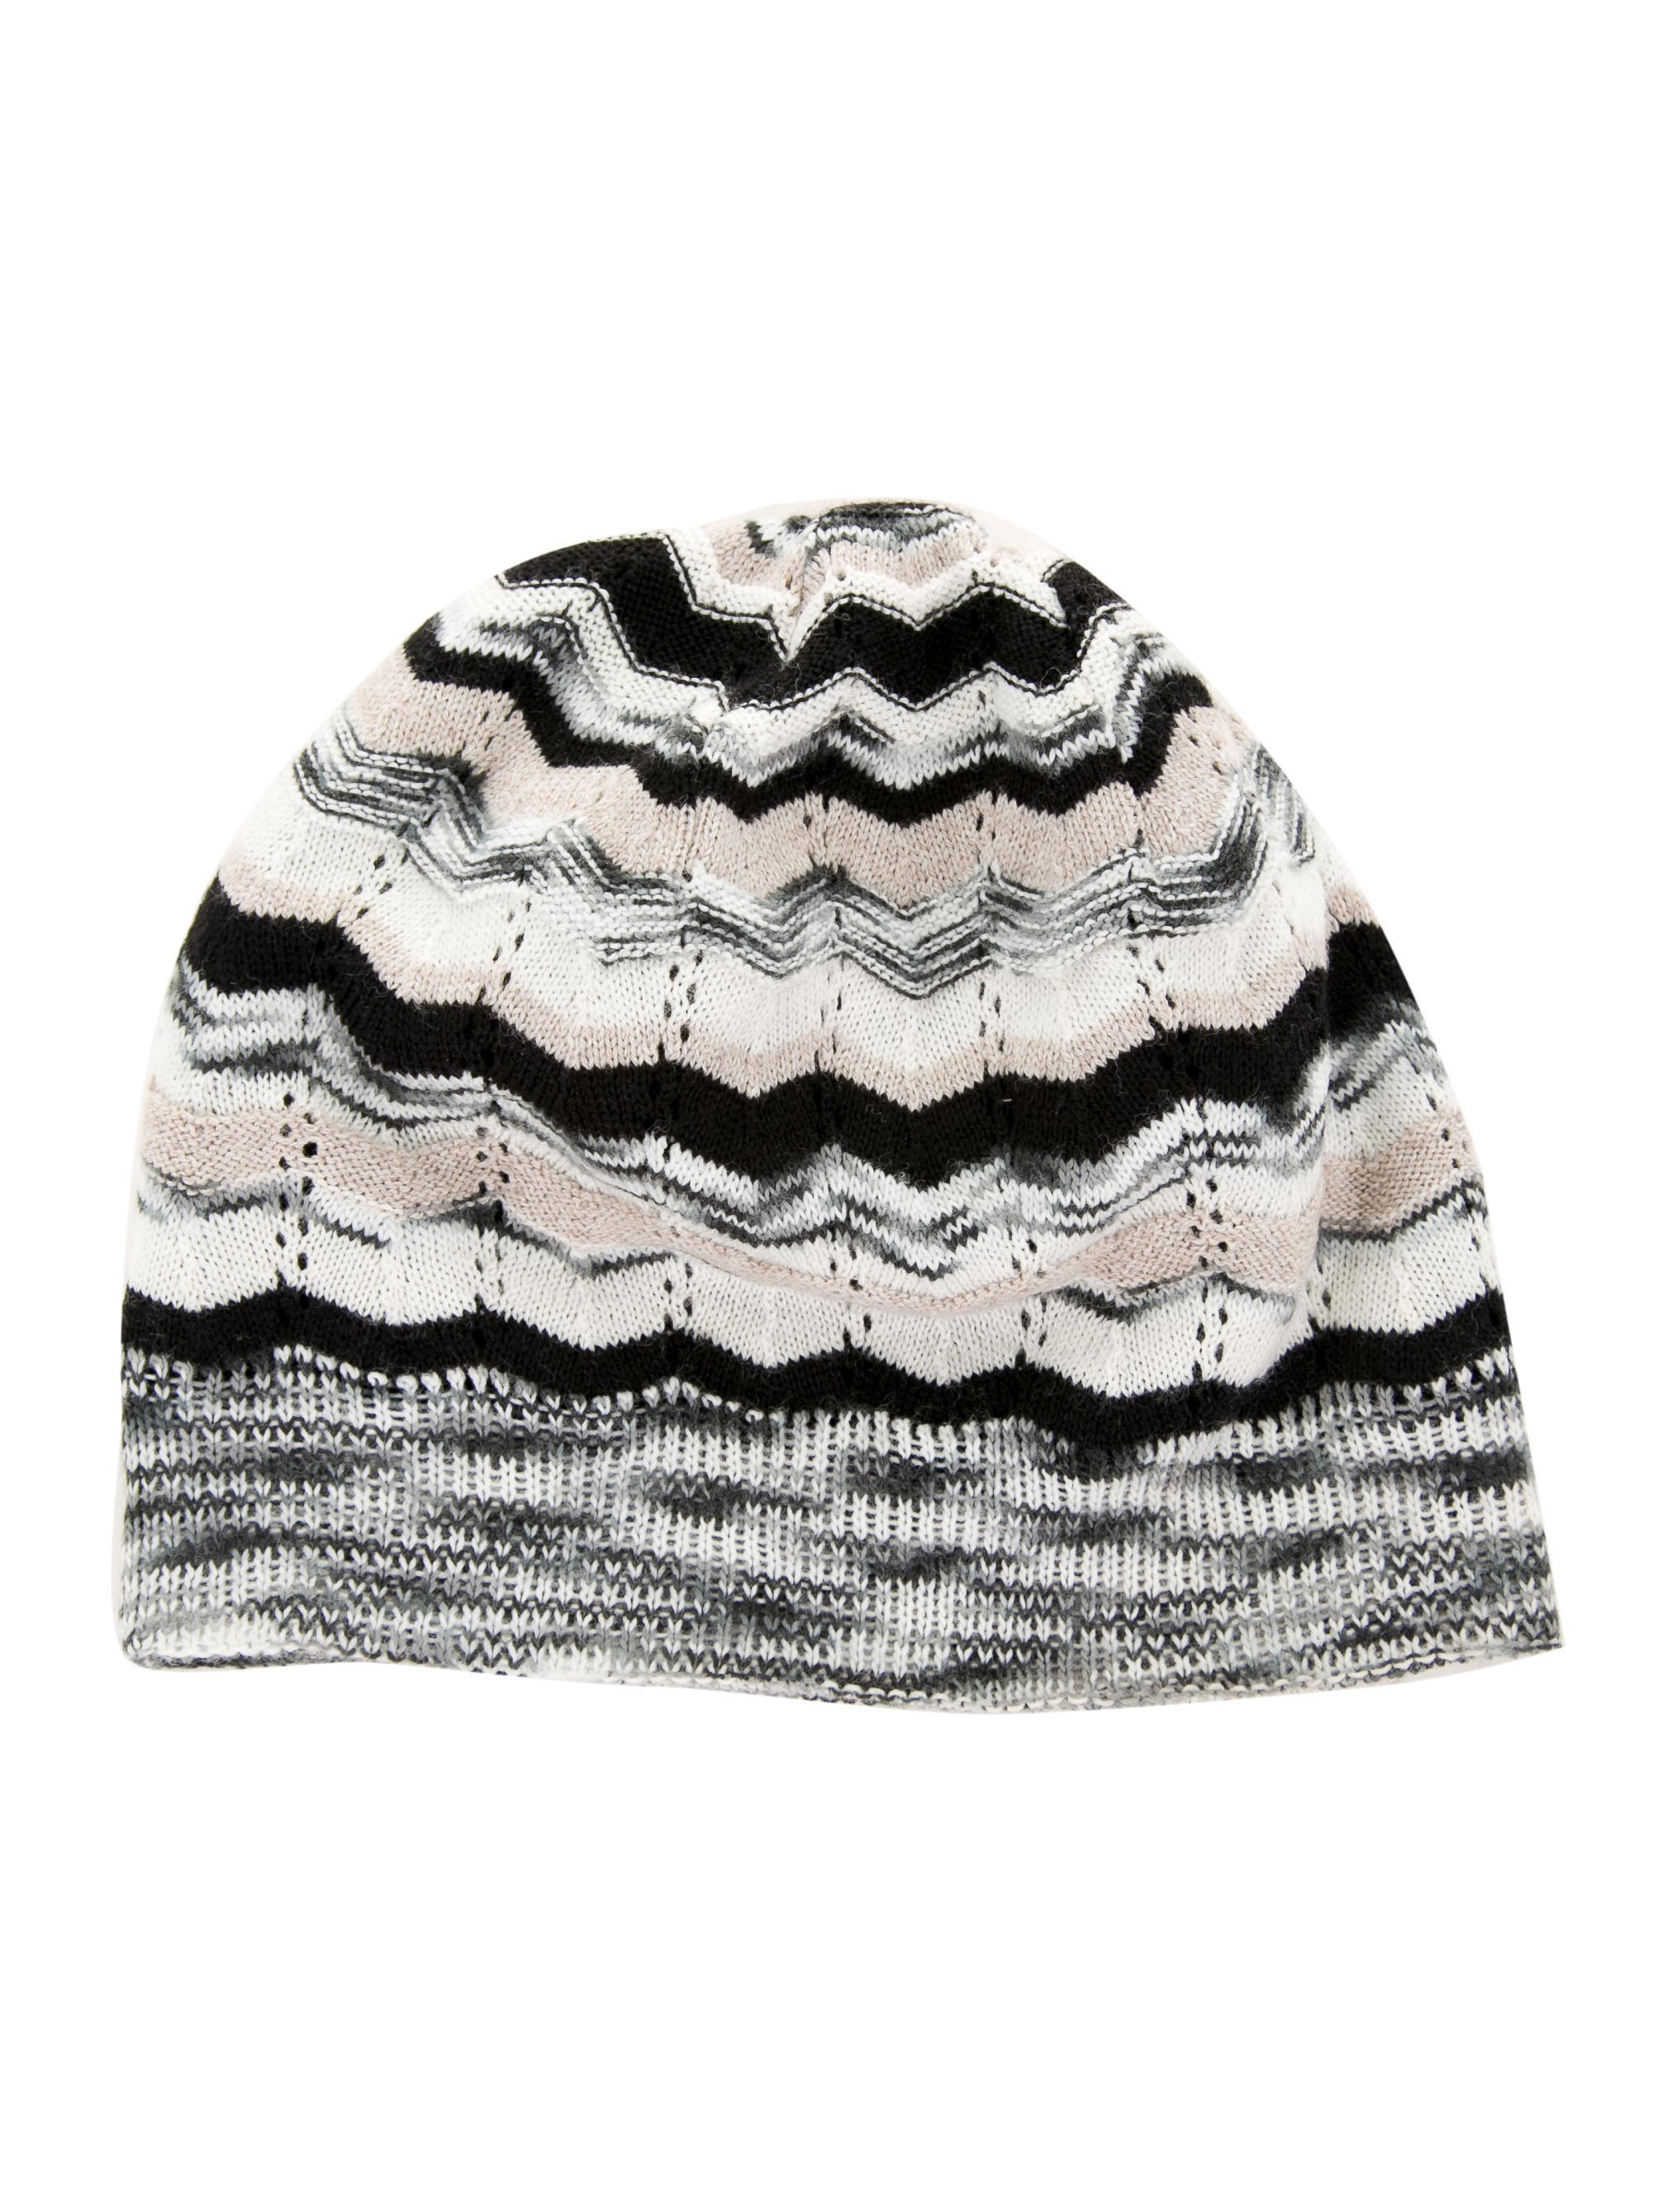 Missoni Chevron Knit Beanie - Accessories - MIS44633  89f1591dda1c